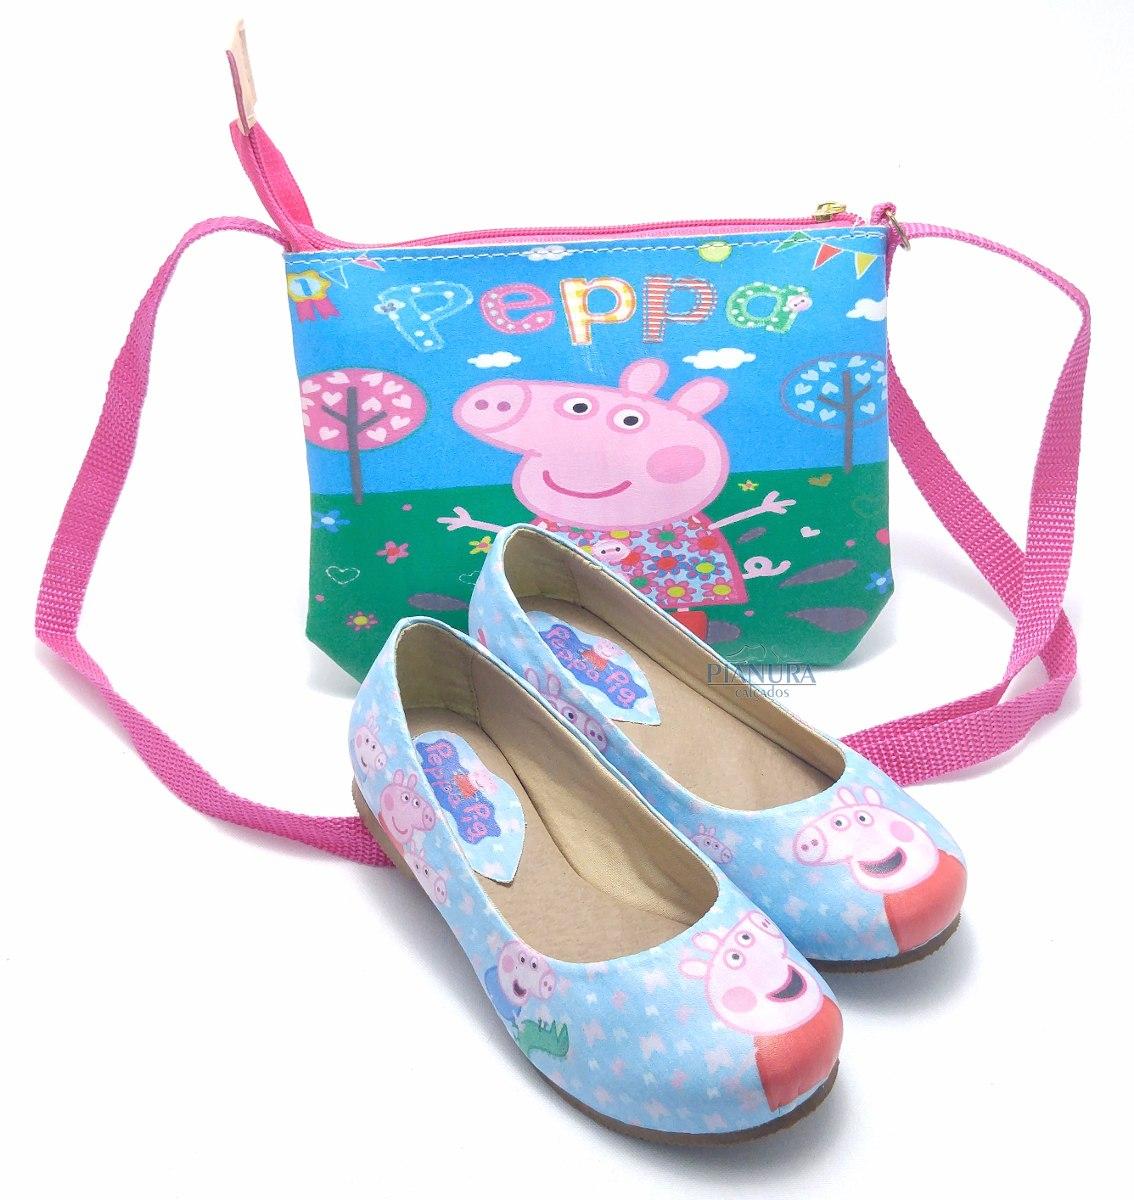 4e7cdef5ec kit sapatilha infantil menina peppa pig com bolsa. Carregando zoom.